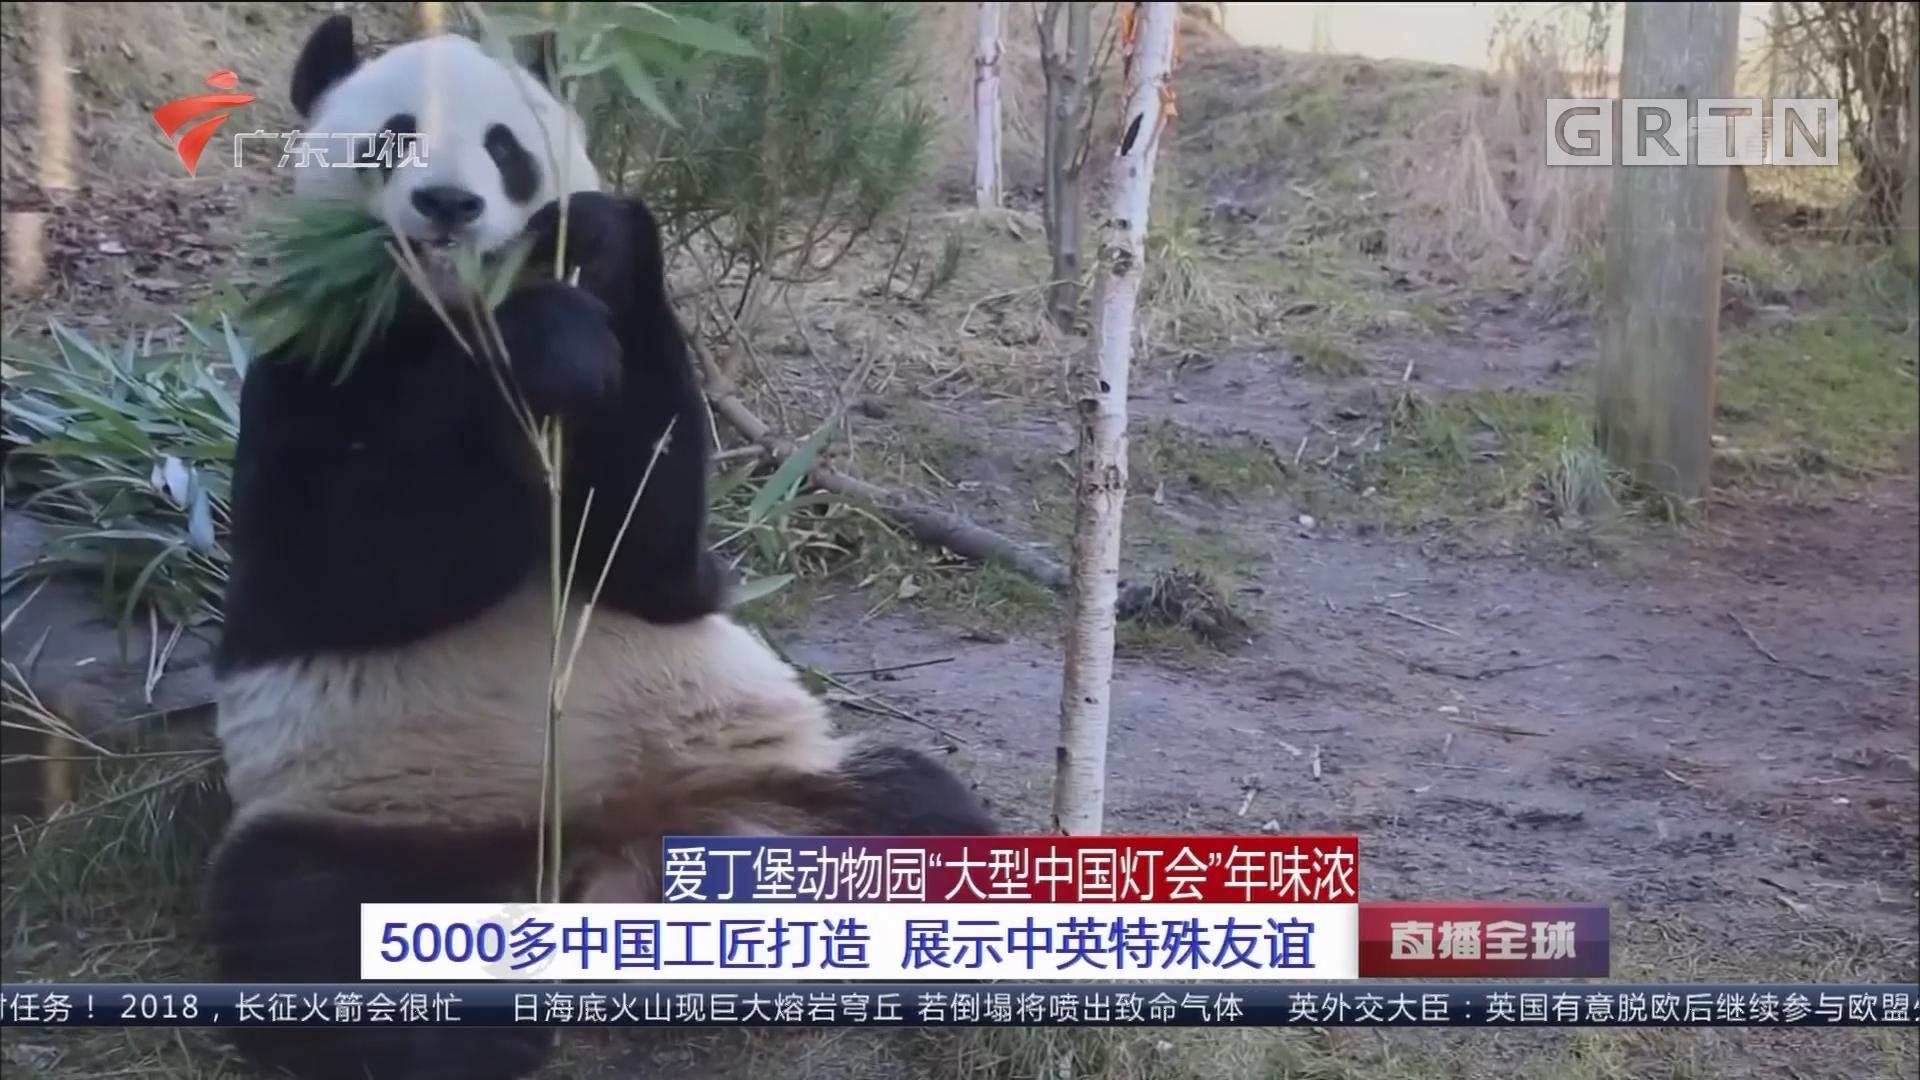 """爱丁堡动物园""""大型中国灯会""""年味浓:5000多中国工匠打造 展示中英特殊友谊"""